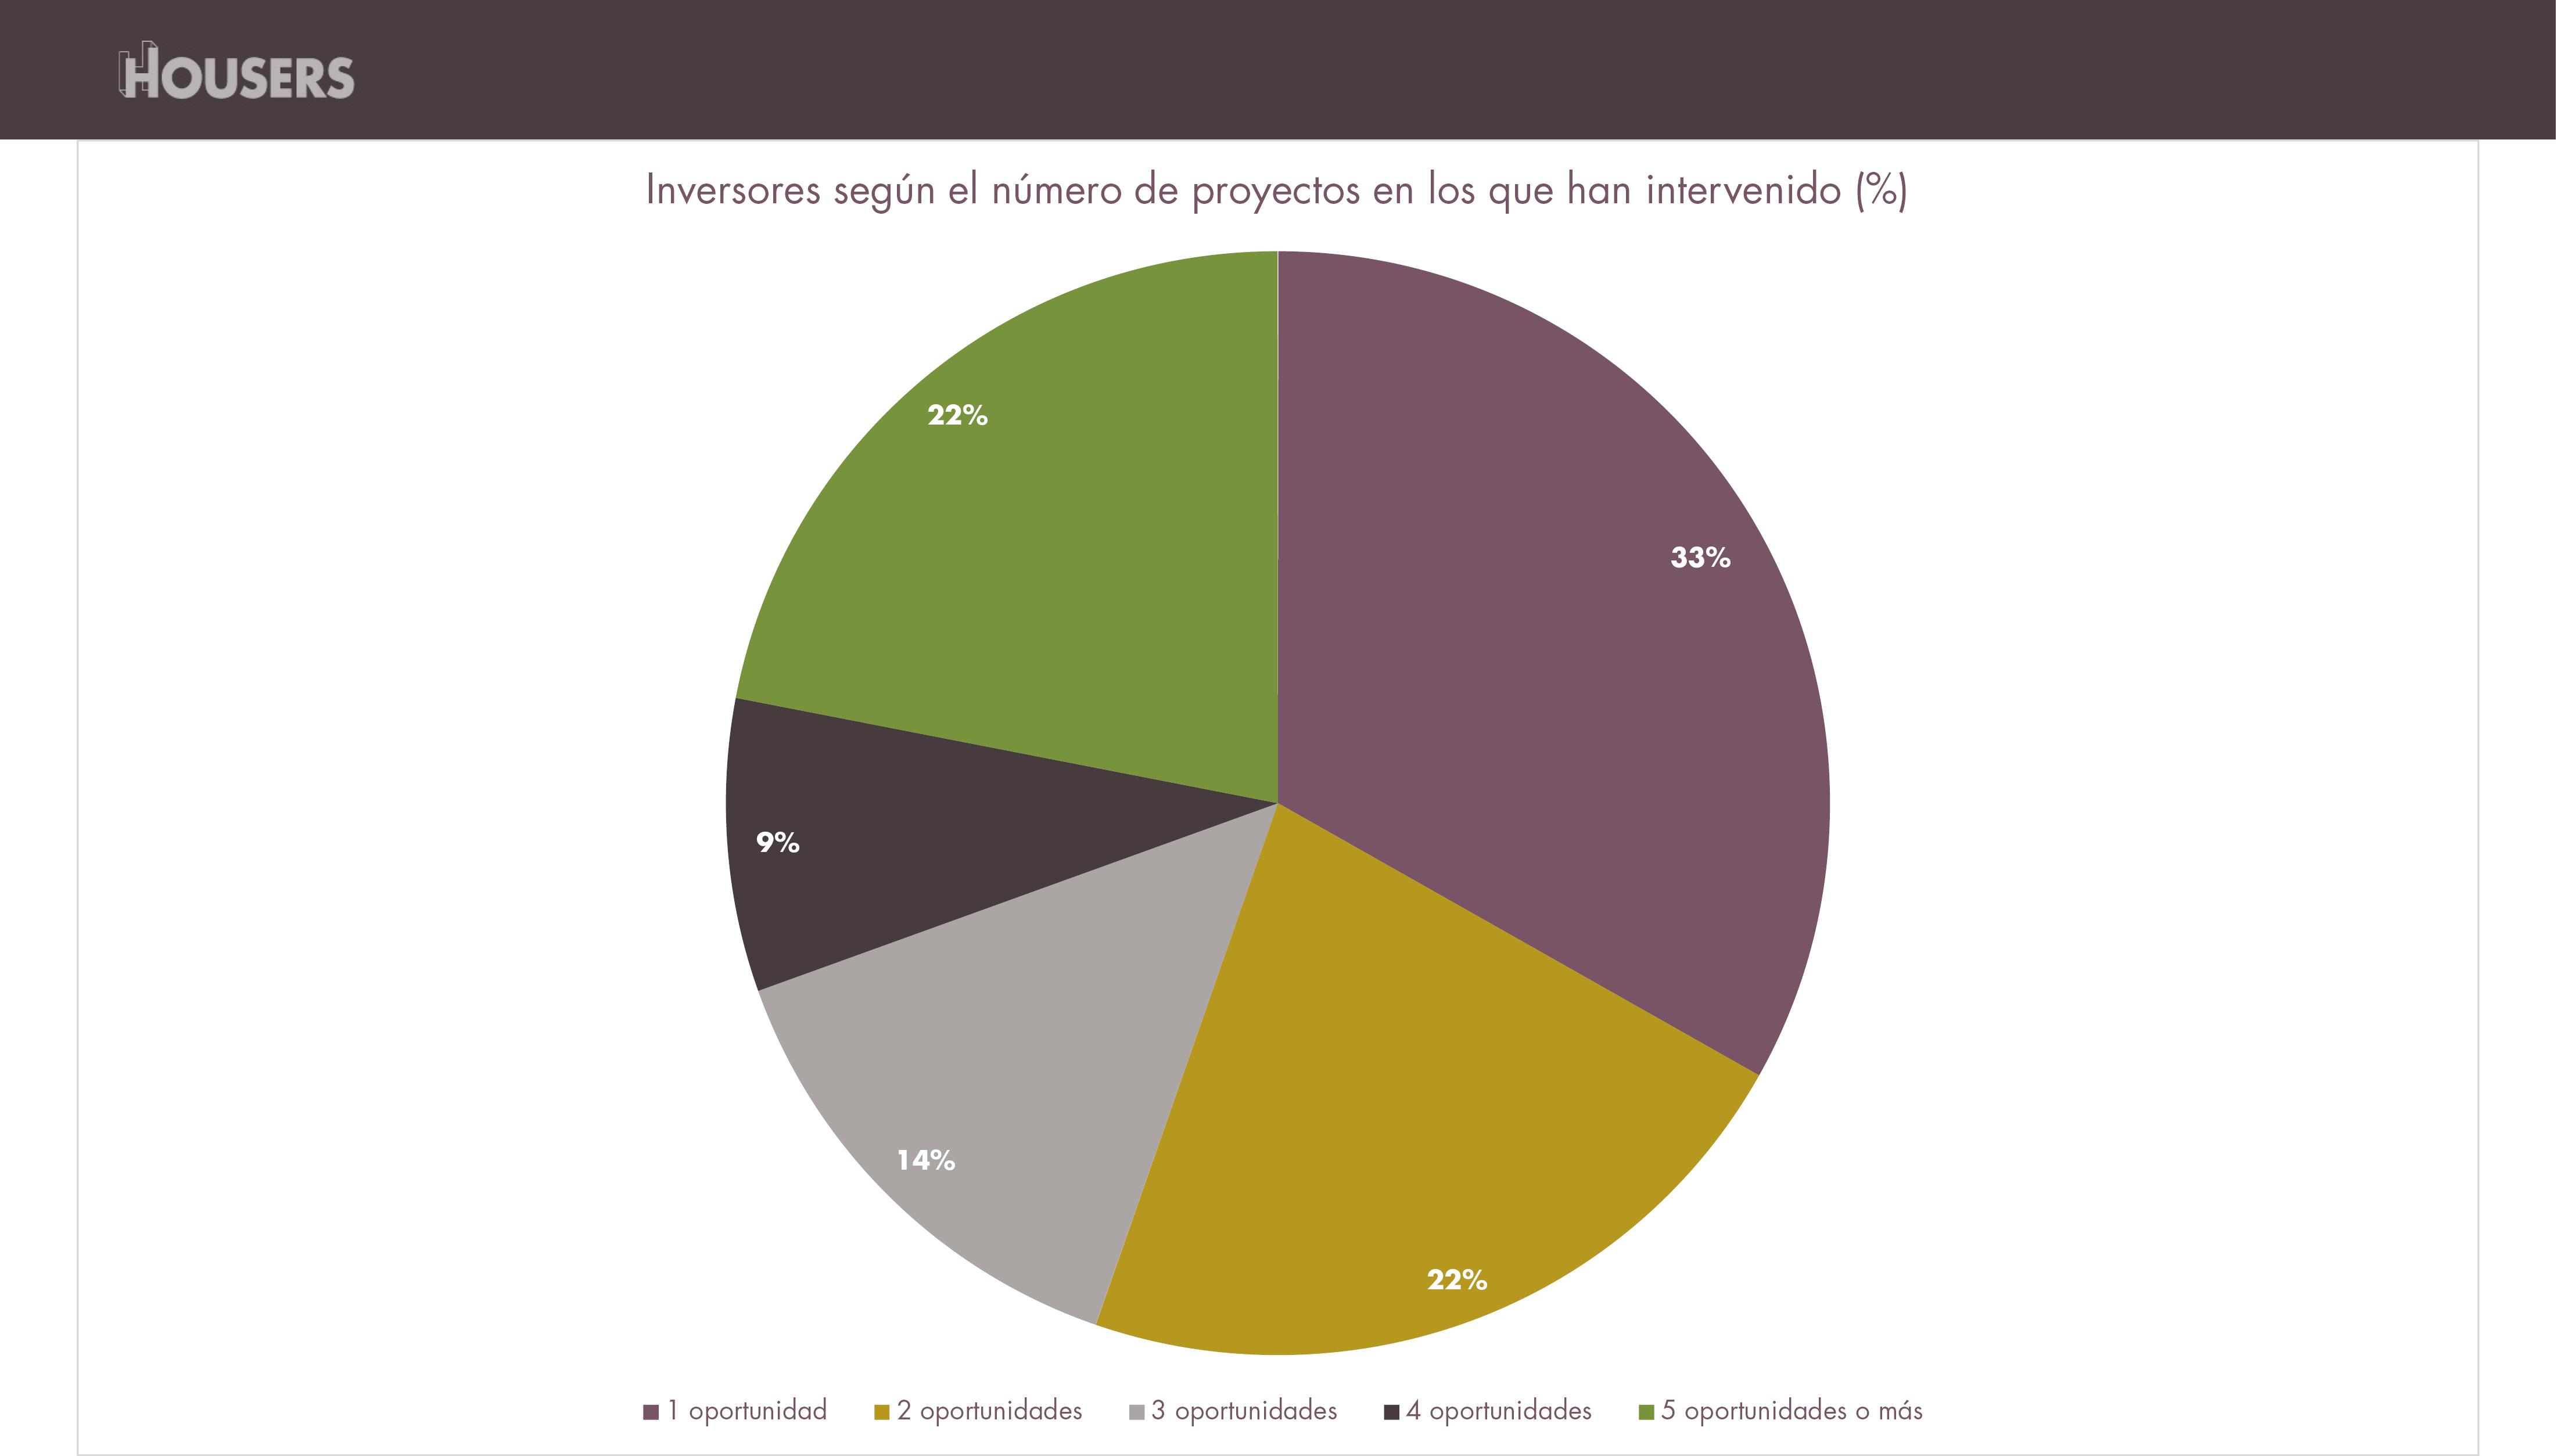 estadísticas de Housers de noviembre 2016-inversores-numero-proyectos